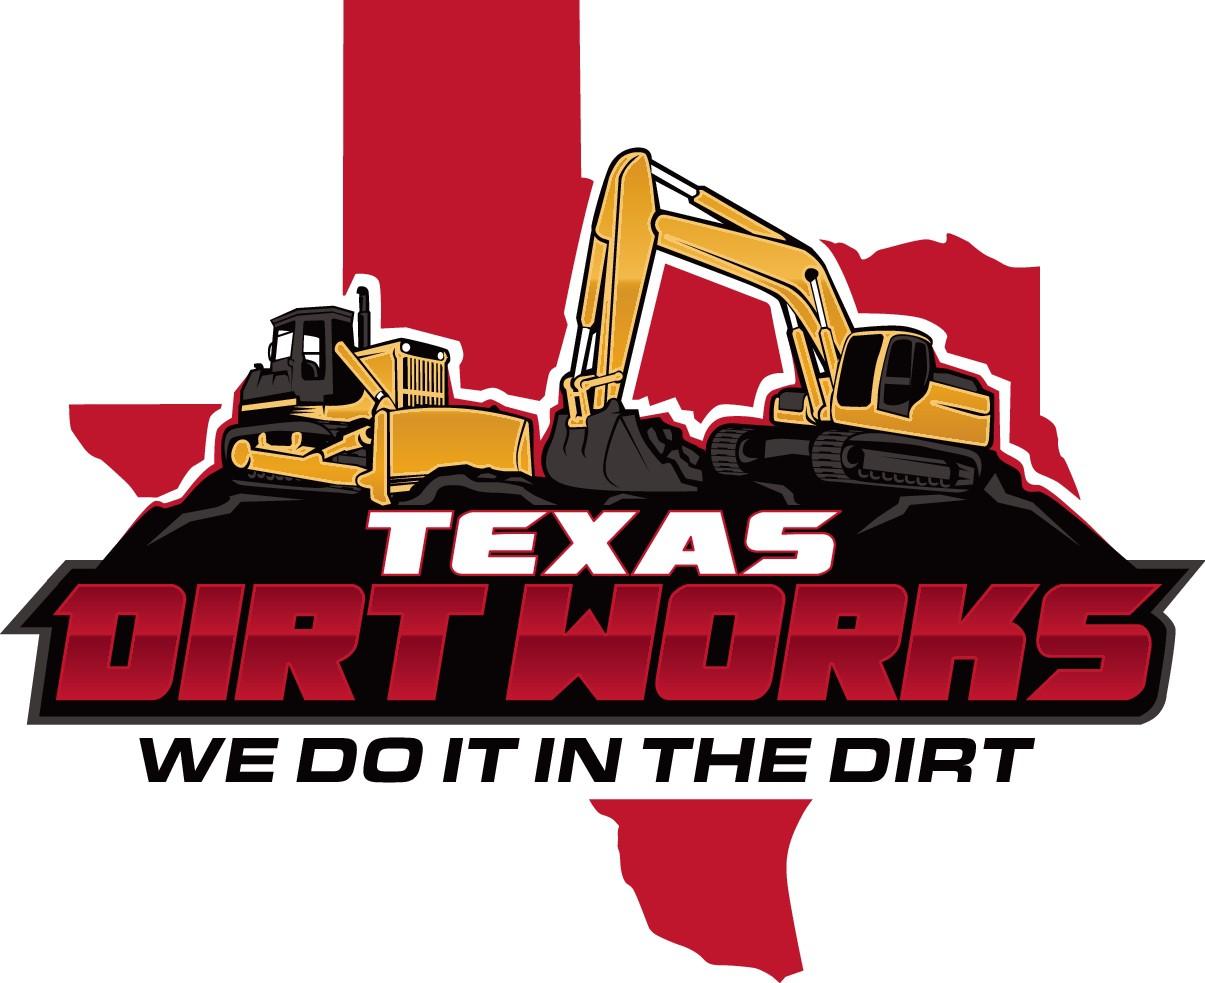 TxDirtWorks logo